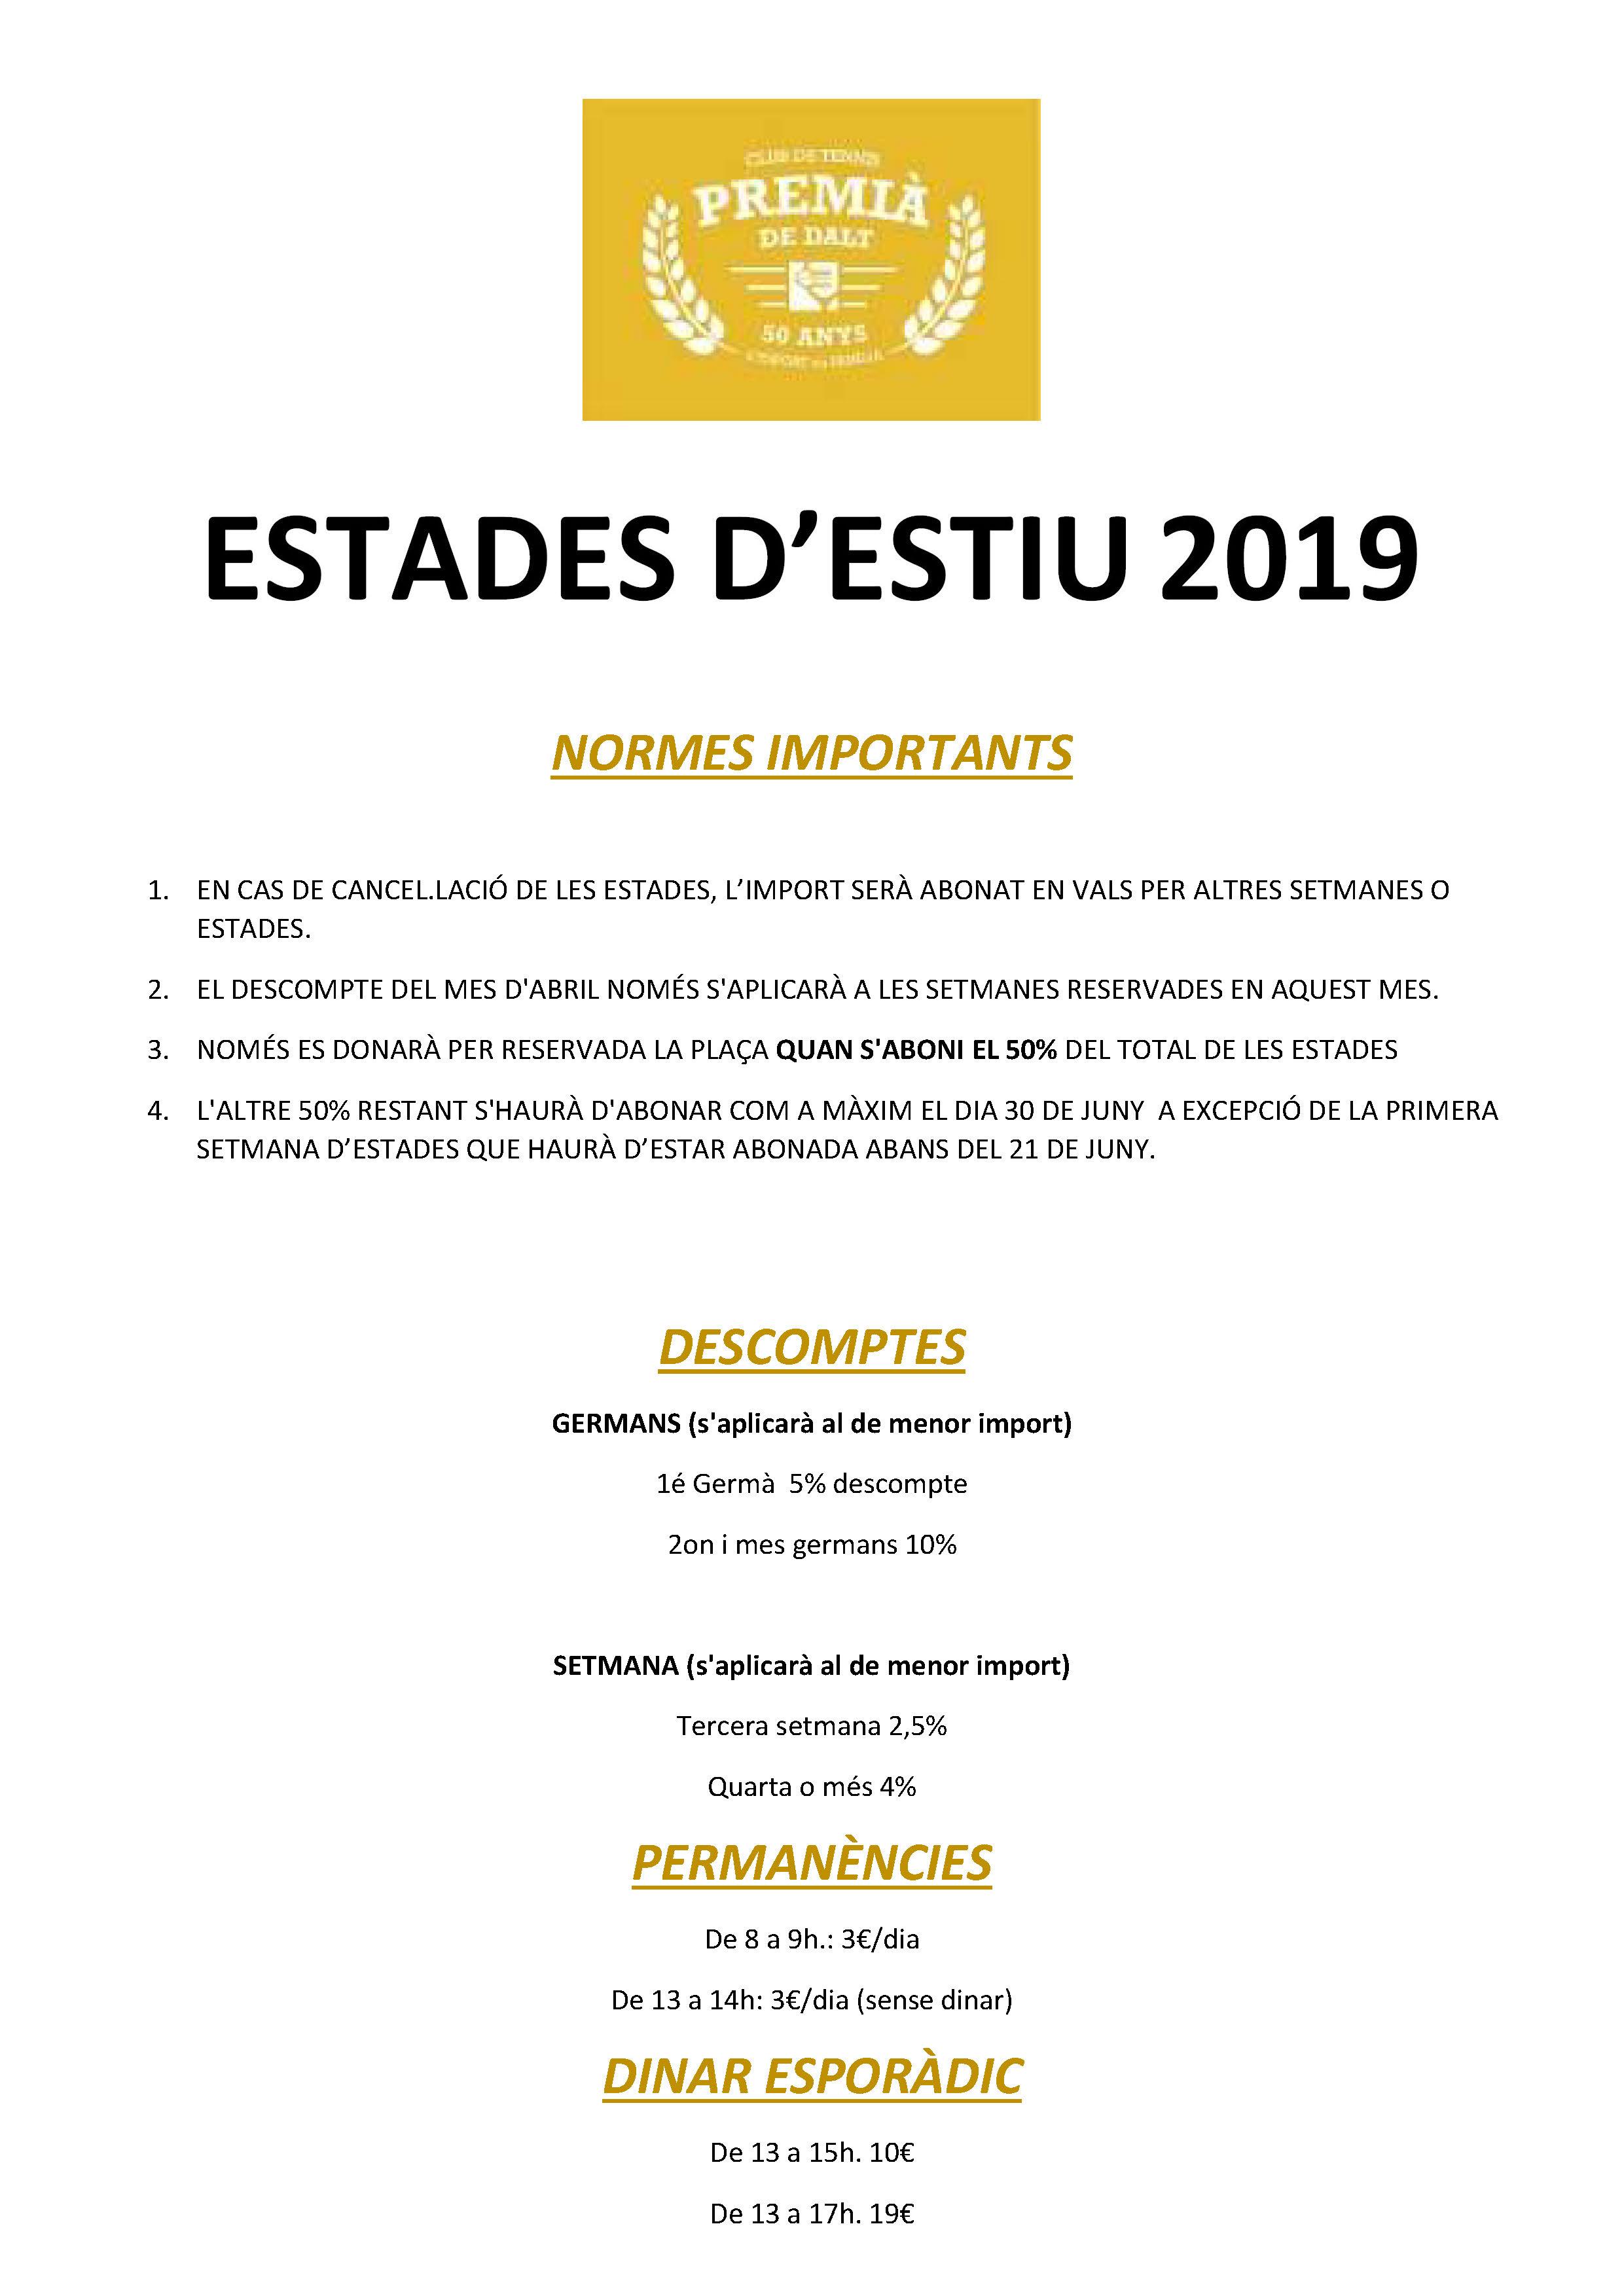 NORMES IMPORTANTS ESTADES 2019